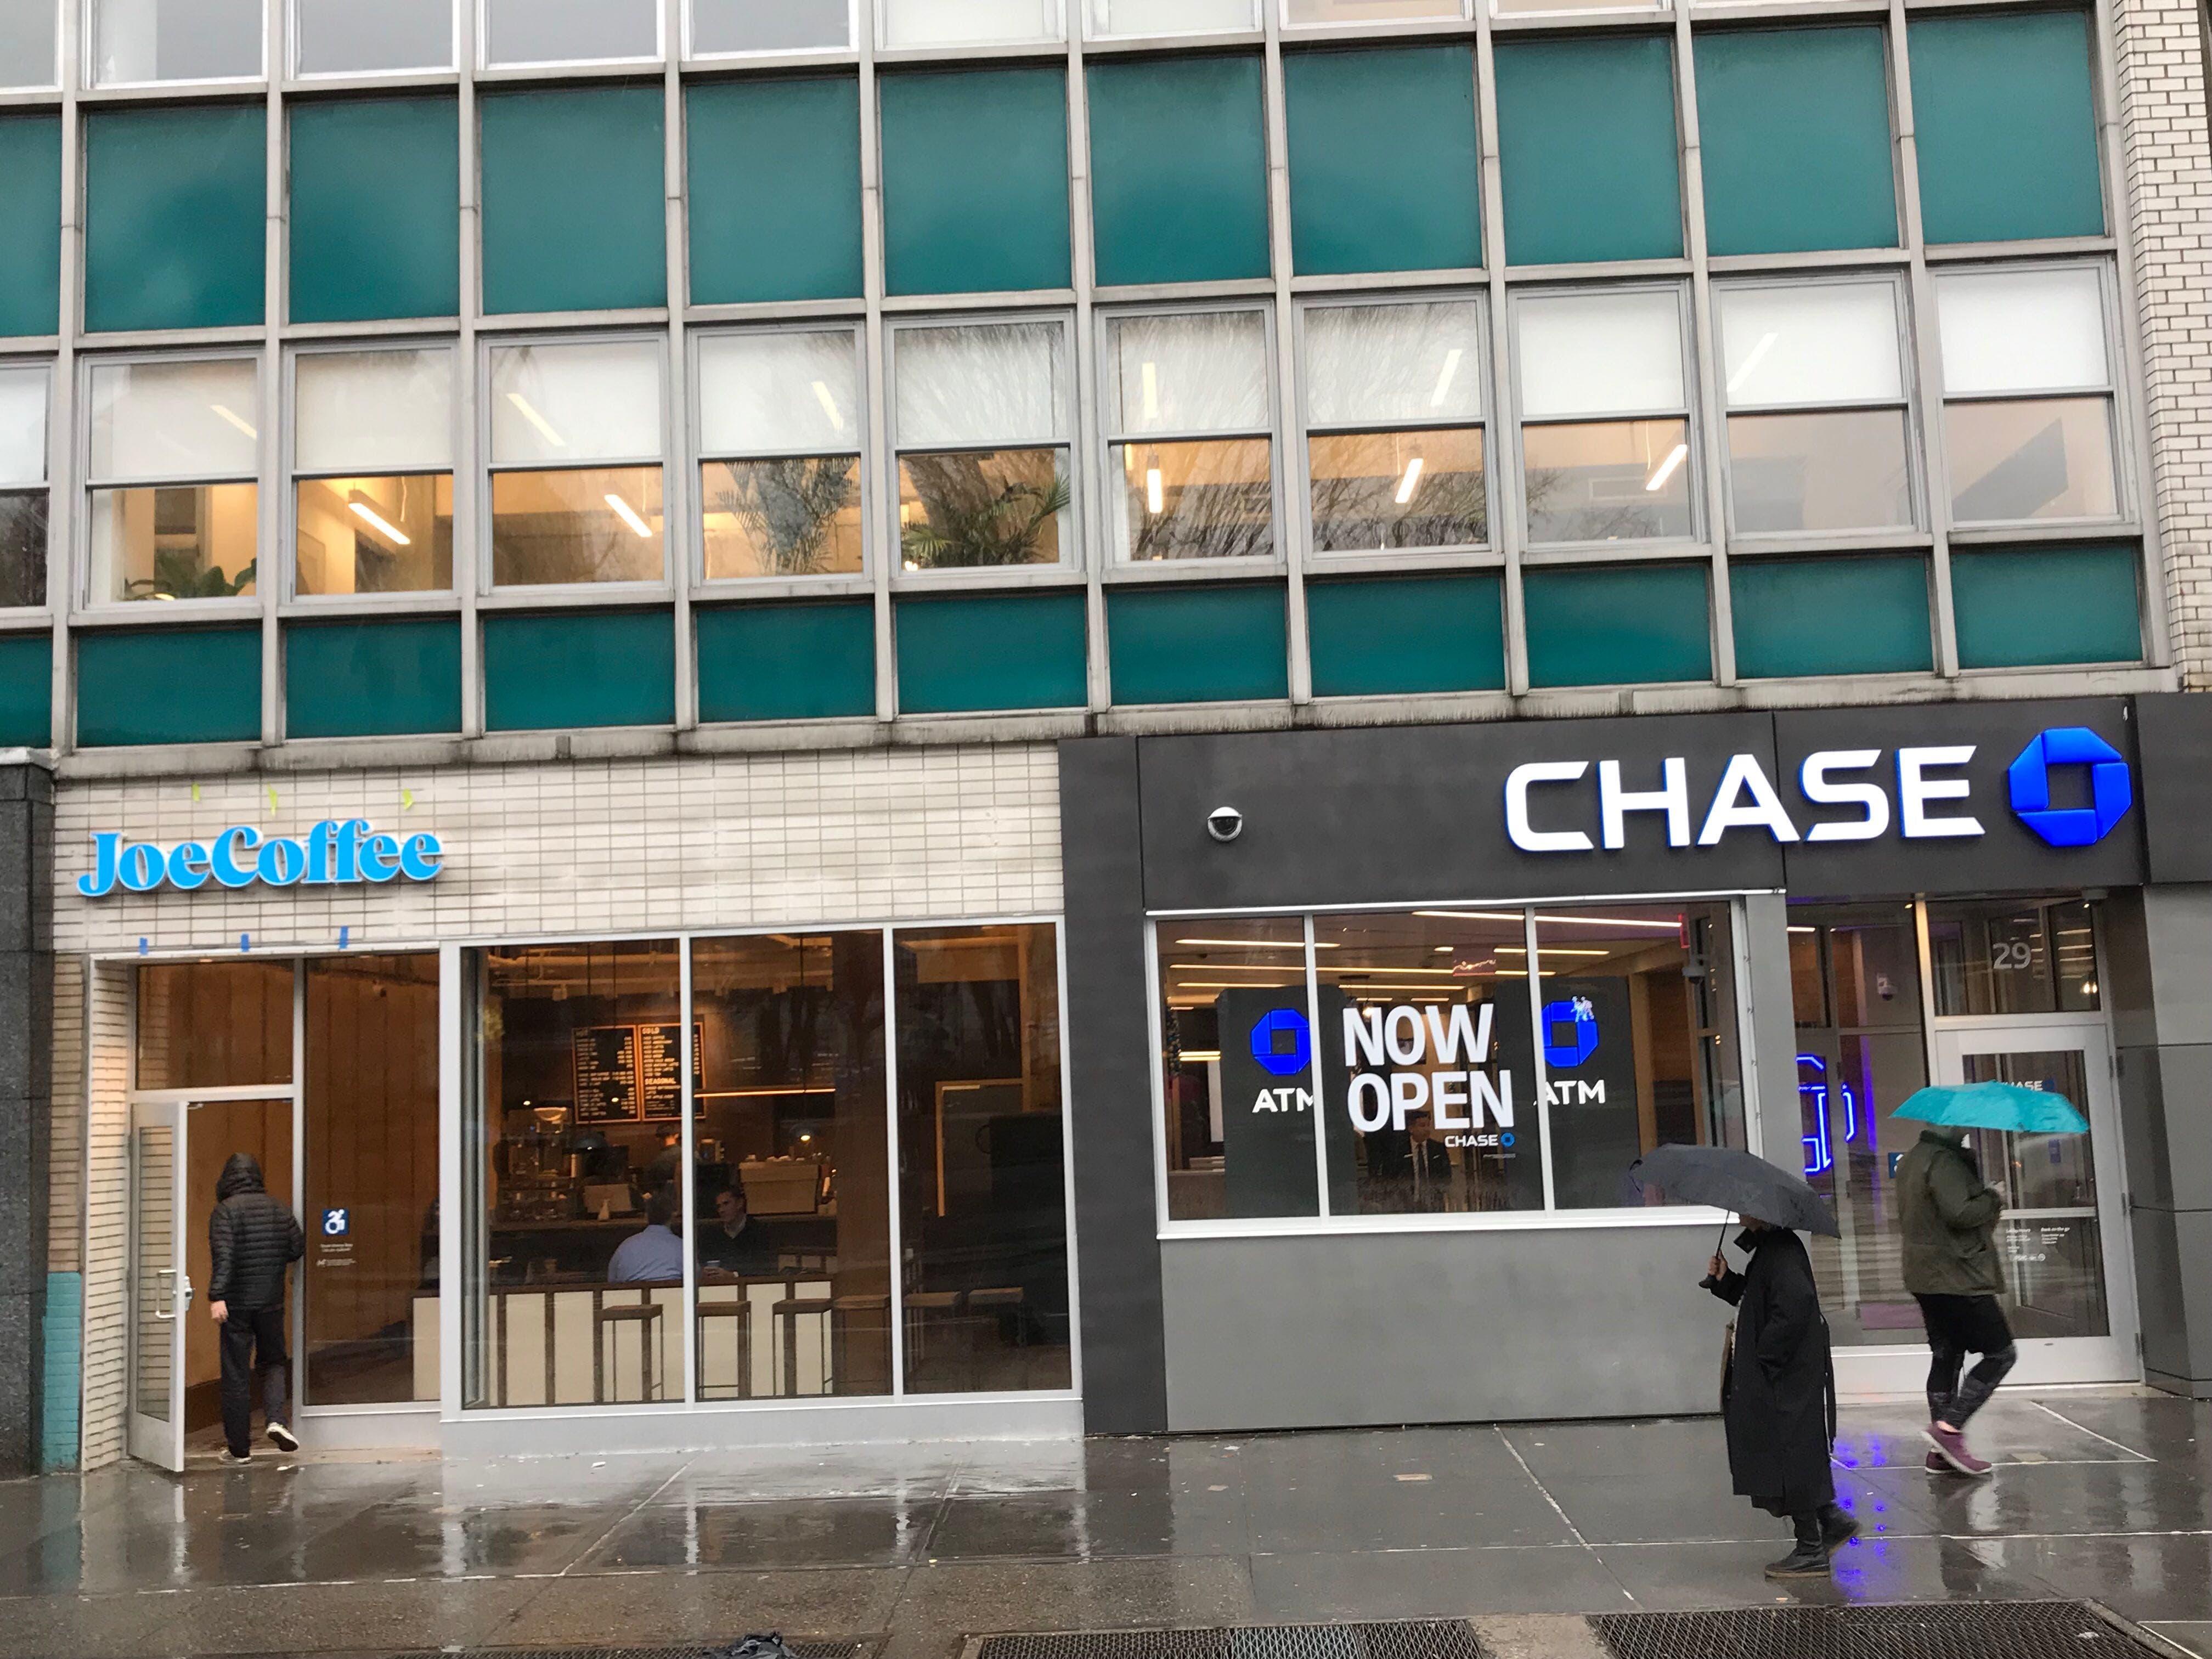 Chase Joe Coffee outside